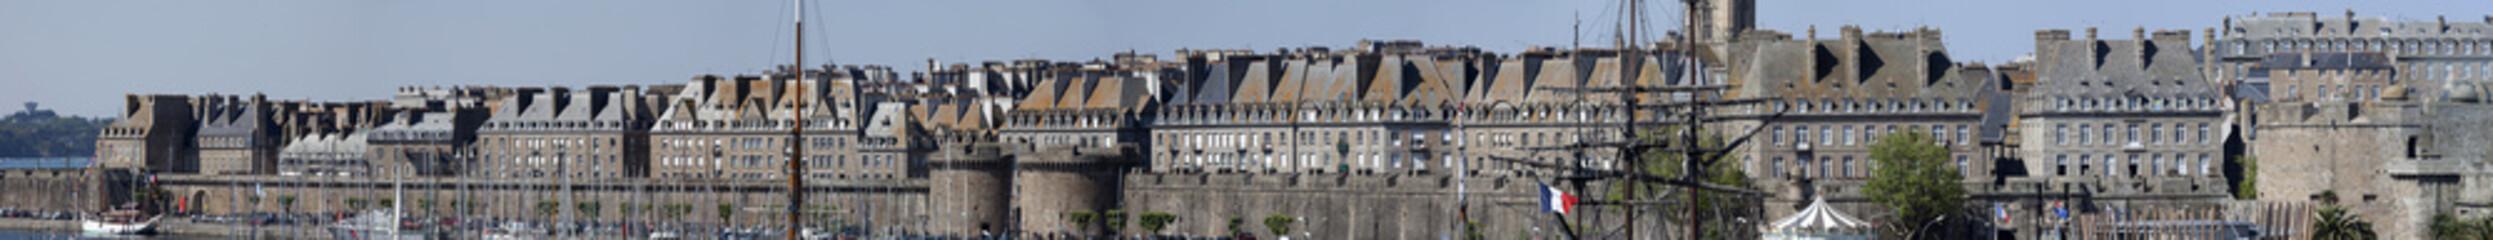 Panorama de Saint-Malo vu du port de commerce